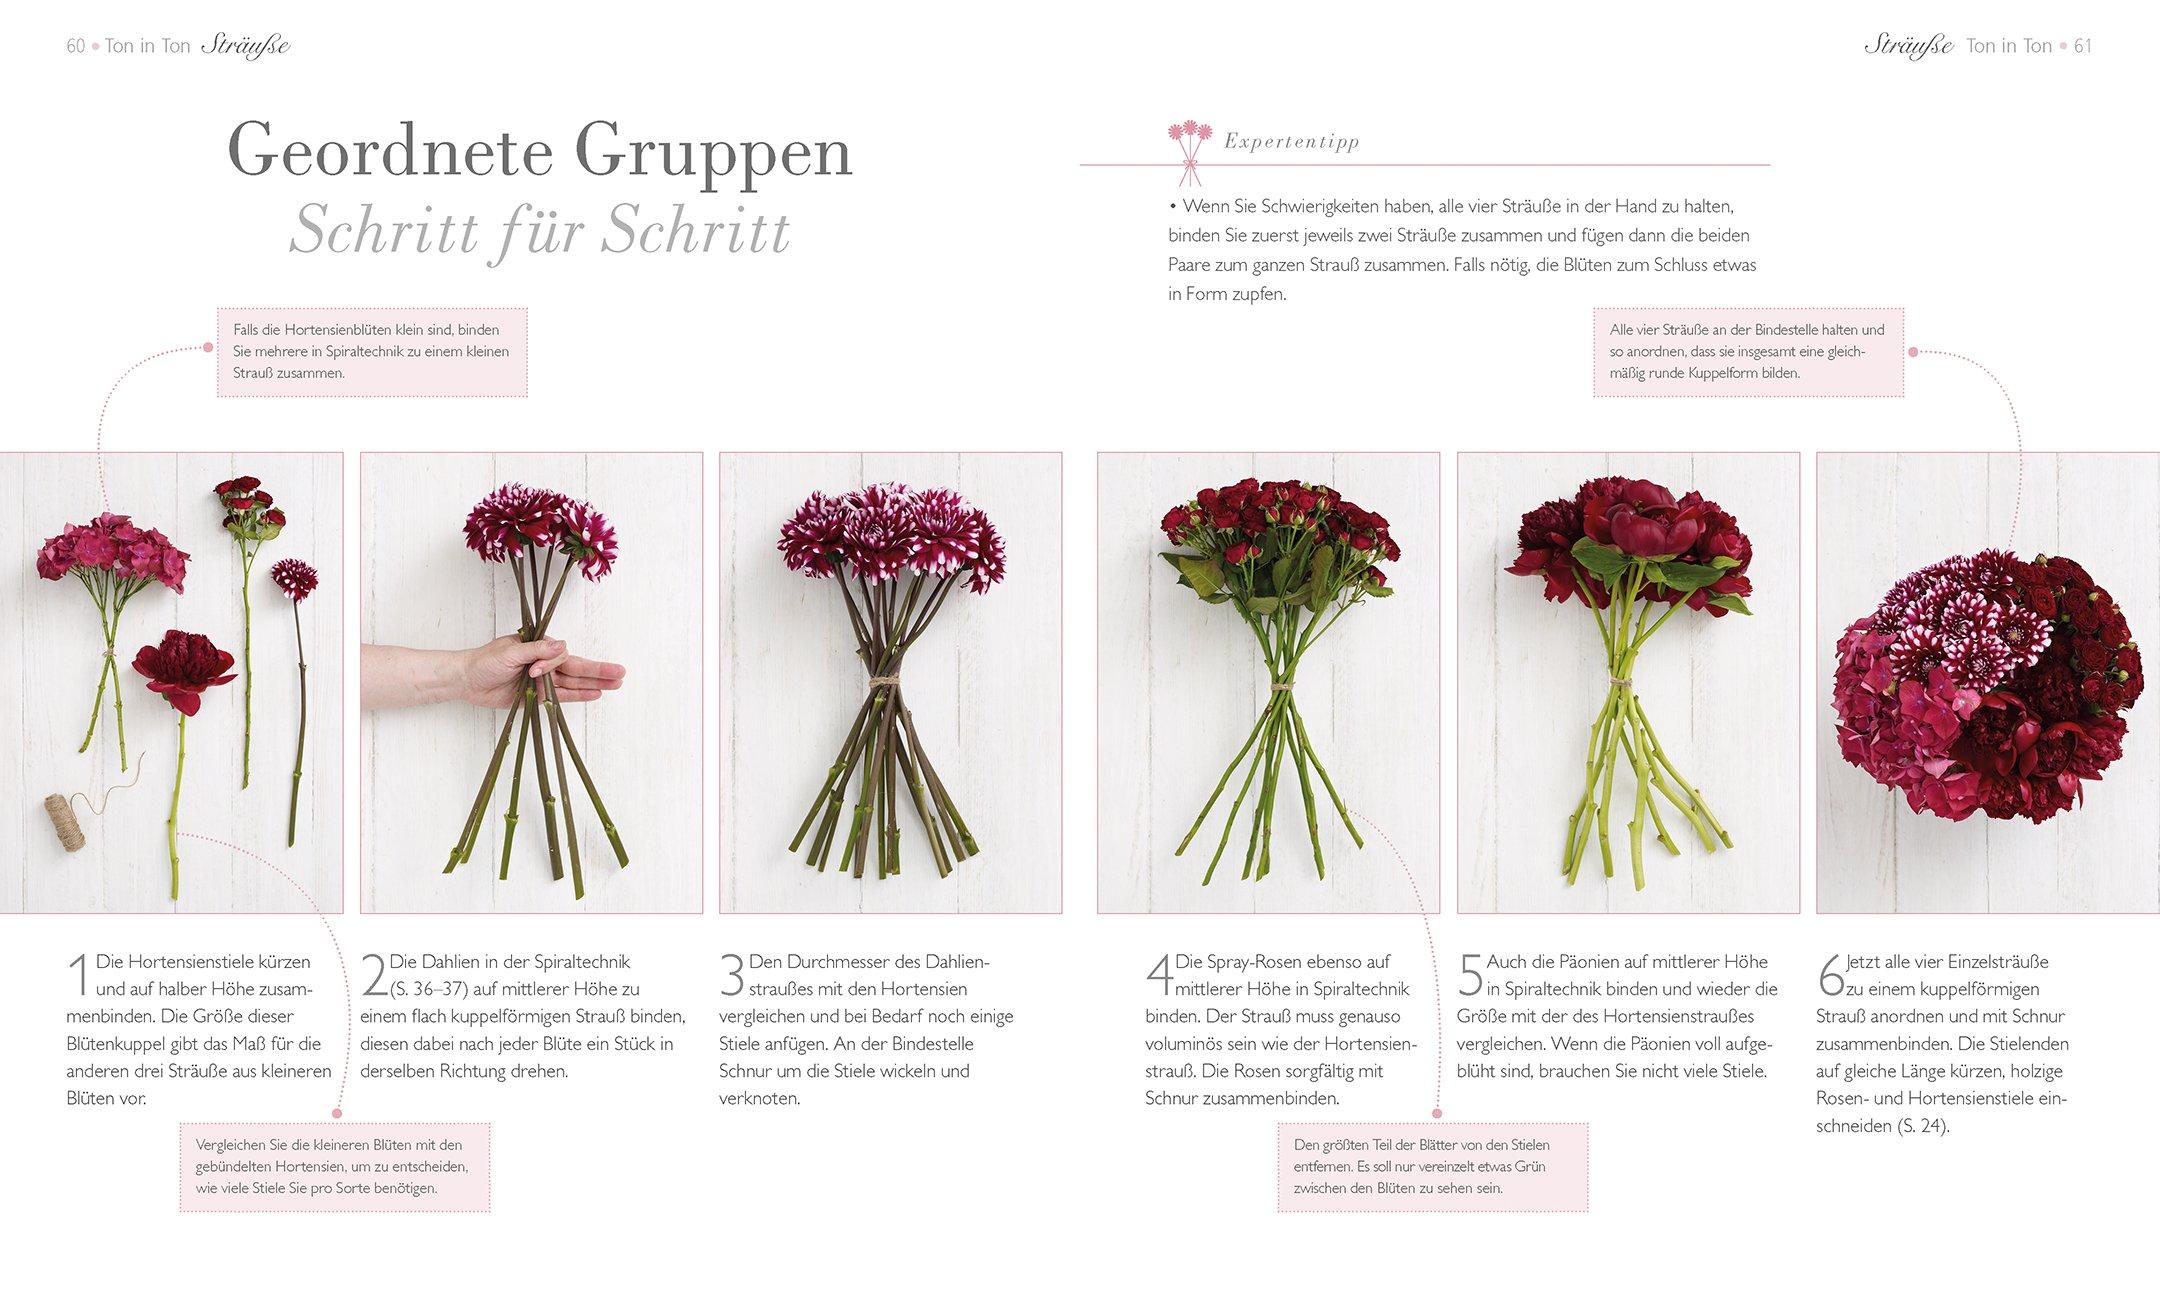 Blumen Fantasievoll Arrangieren Strausse Gestecke Kranze Amazon